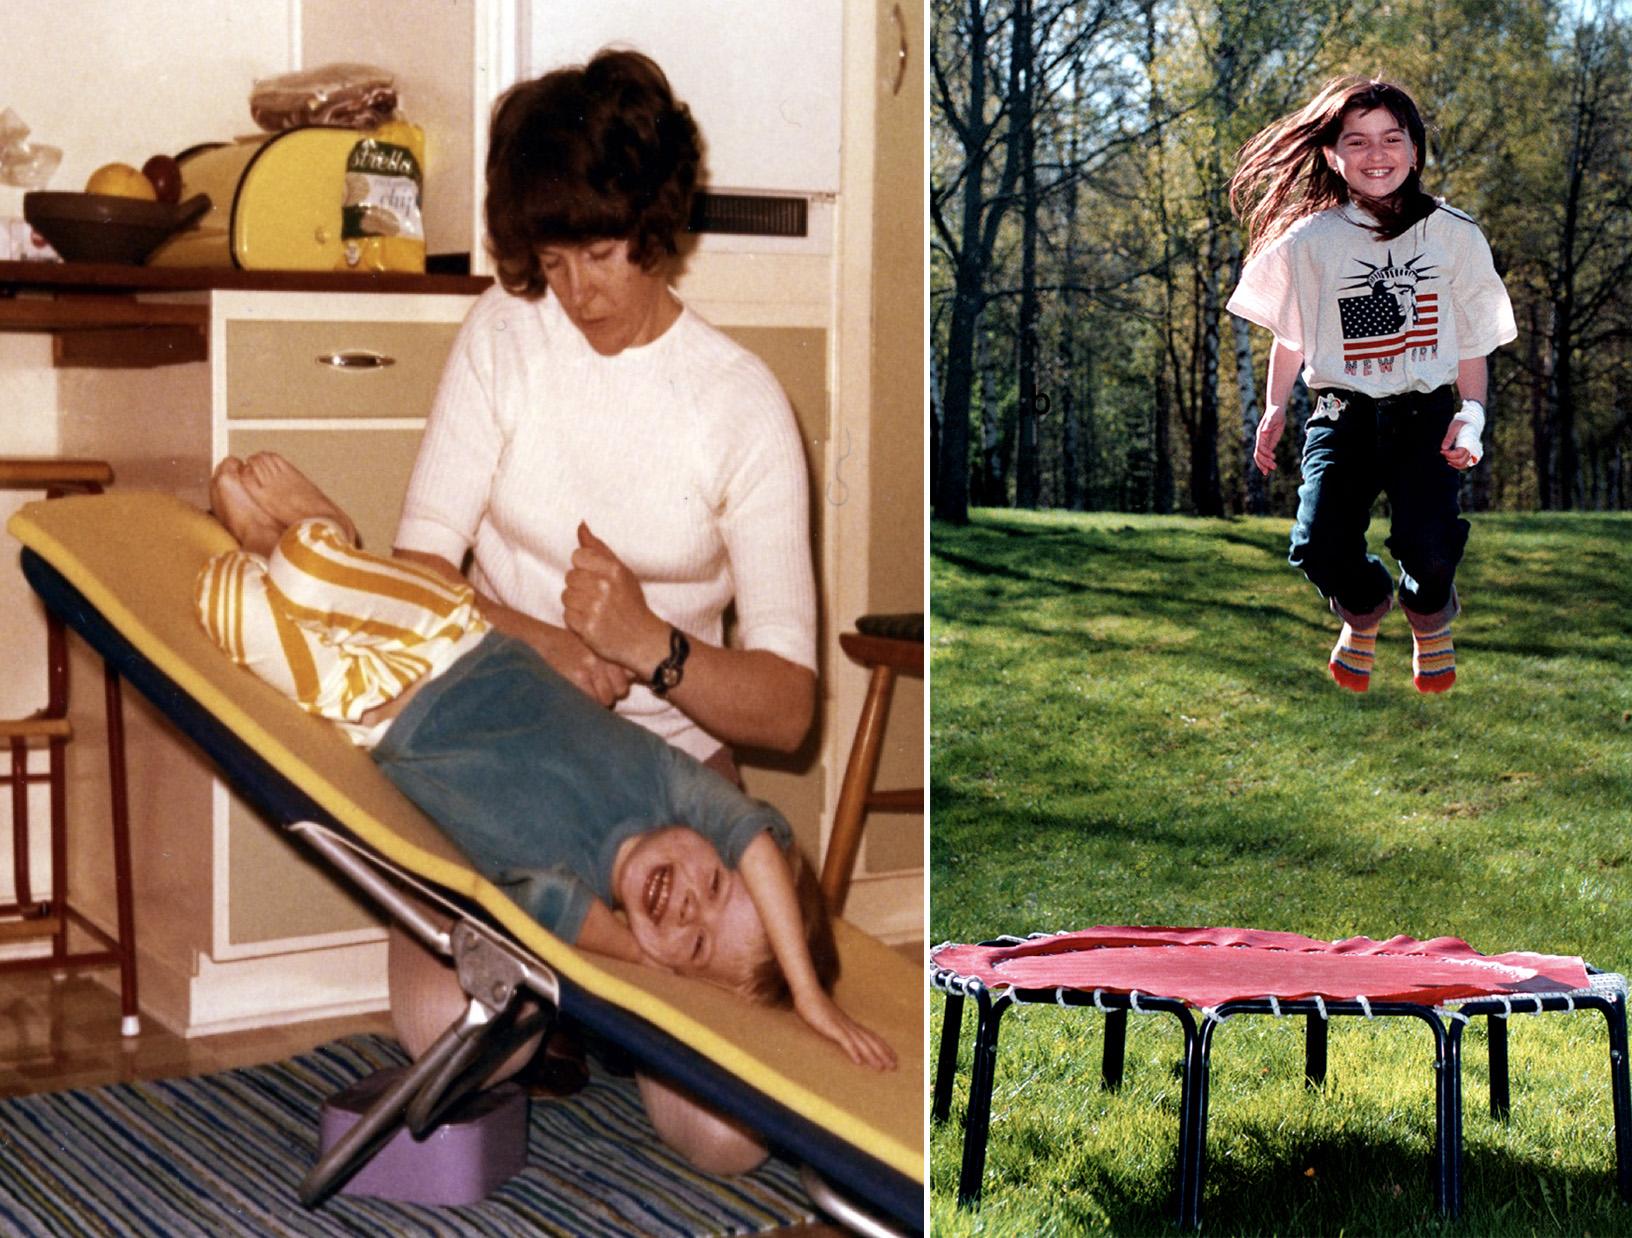 Figur 2. Till vänster: bankning av patient inför, och som en del av, sjukgymnastiken på 60-70-talet. Till höger: modern behandling med studsmatta under intravenös behandling på grund av ökat slem (90-tal).